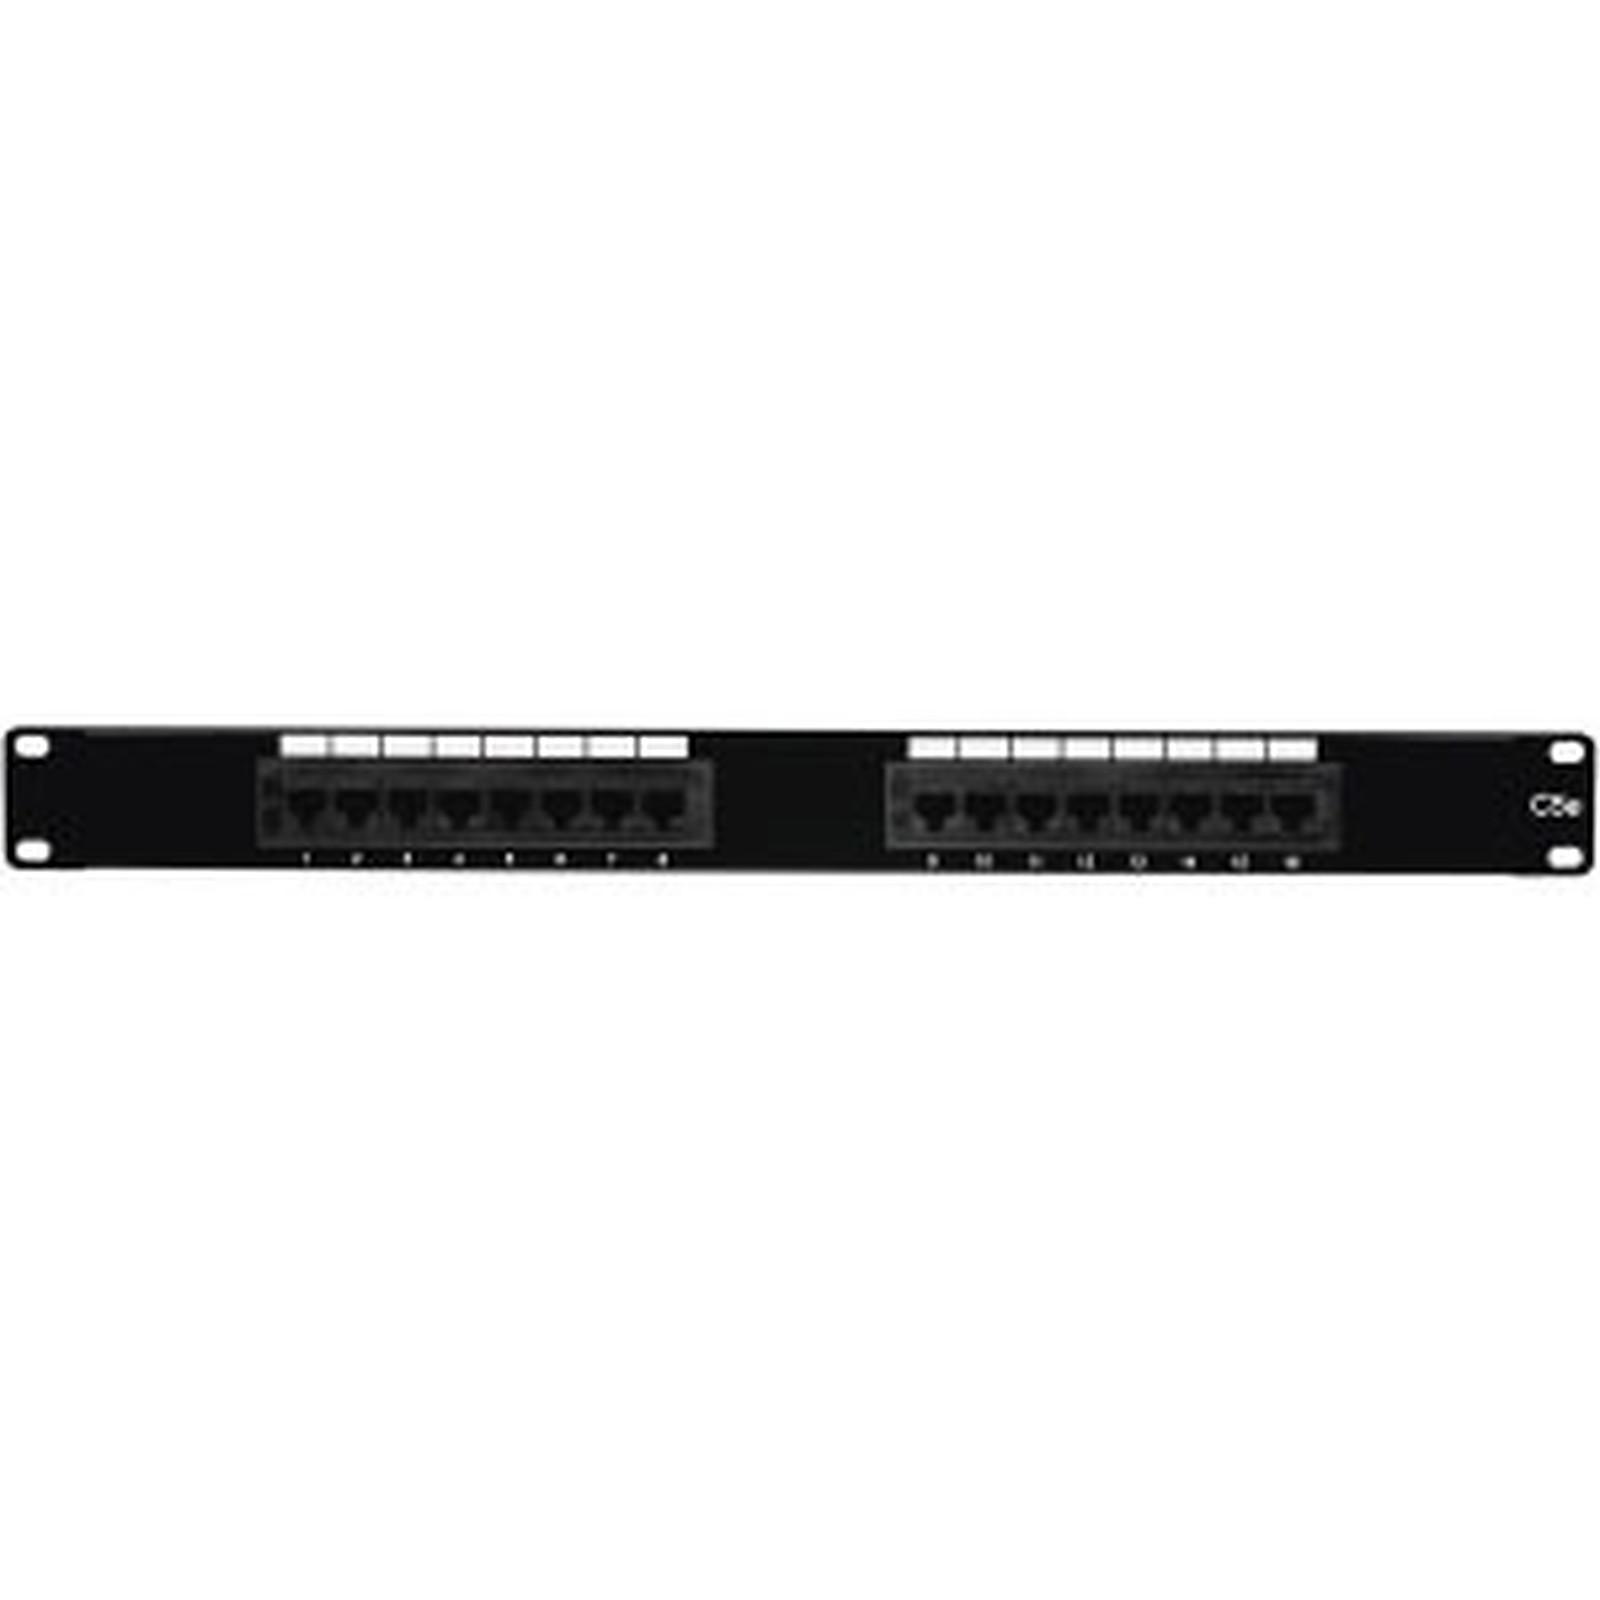 Panel de conexiones de 16 puertos categoría 5e UTP para cuadro / armario / ranura de 19''